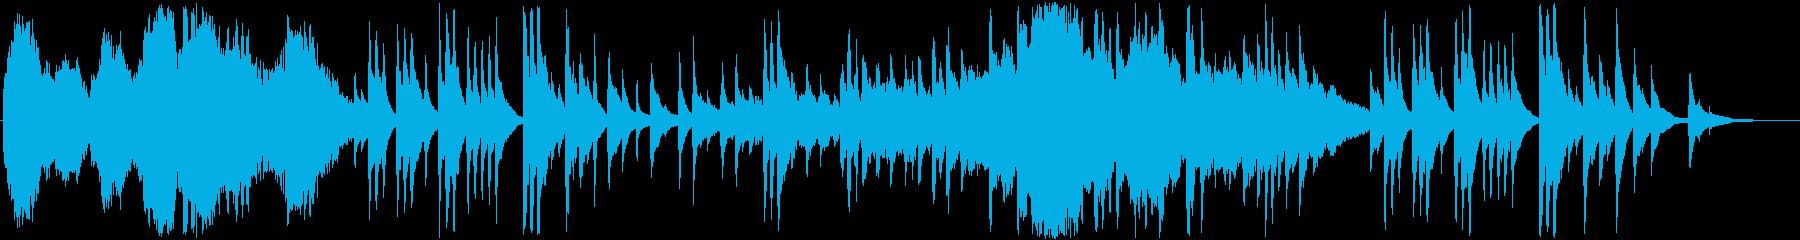 情景的で日本風な落ち着きのあるBGMの再生済みの波形